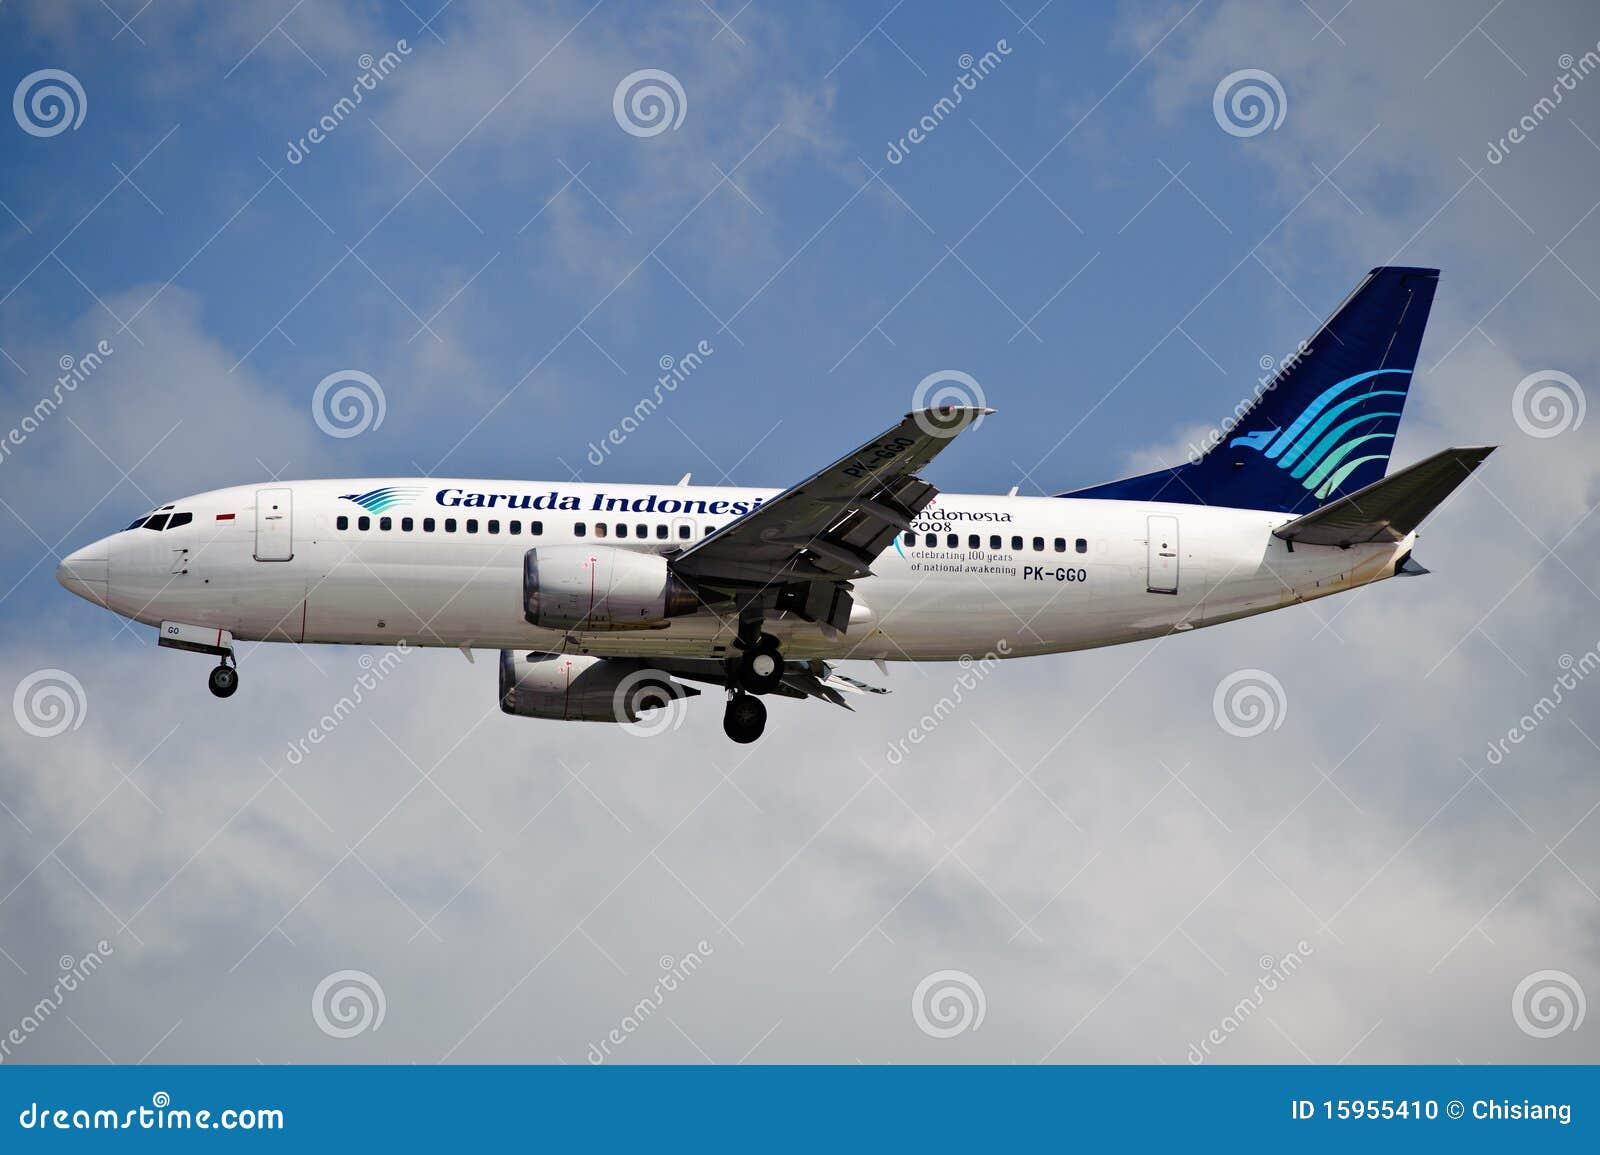 Air Garuda 737-3U3 on Final